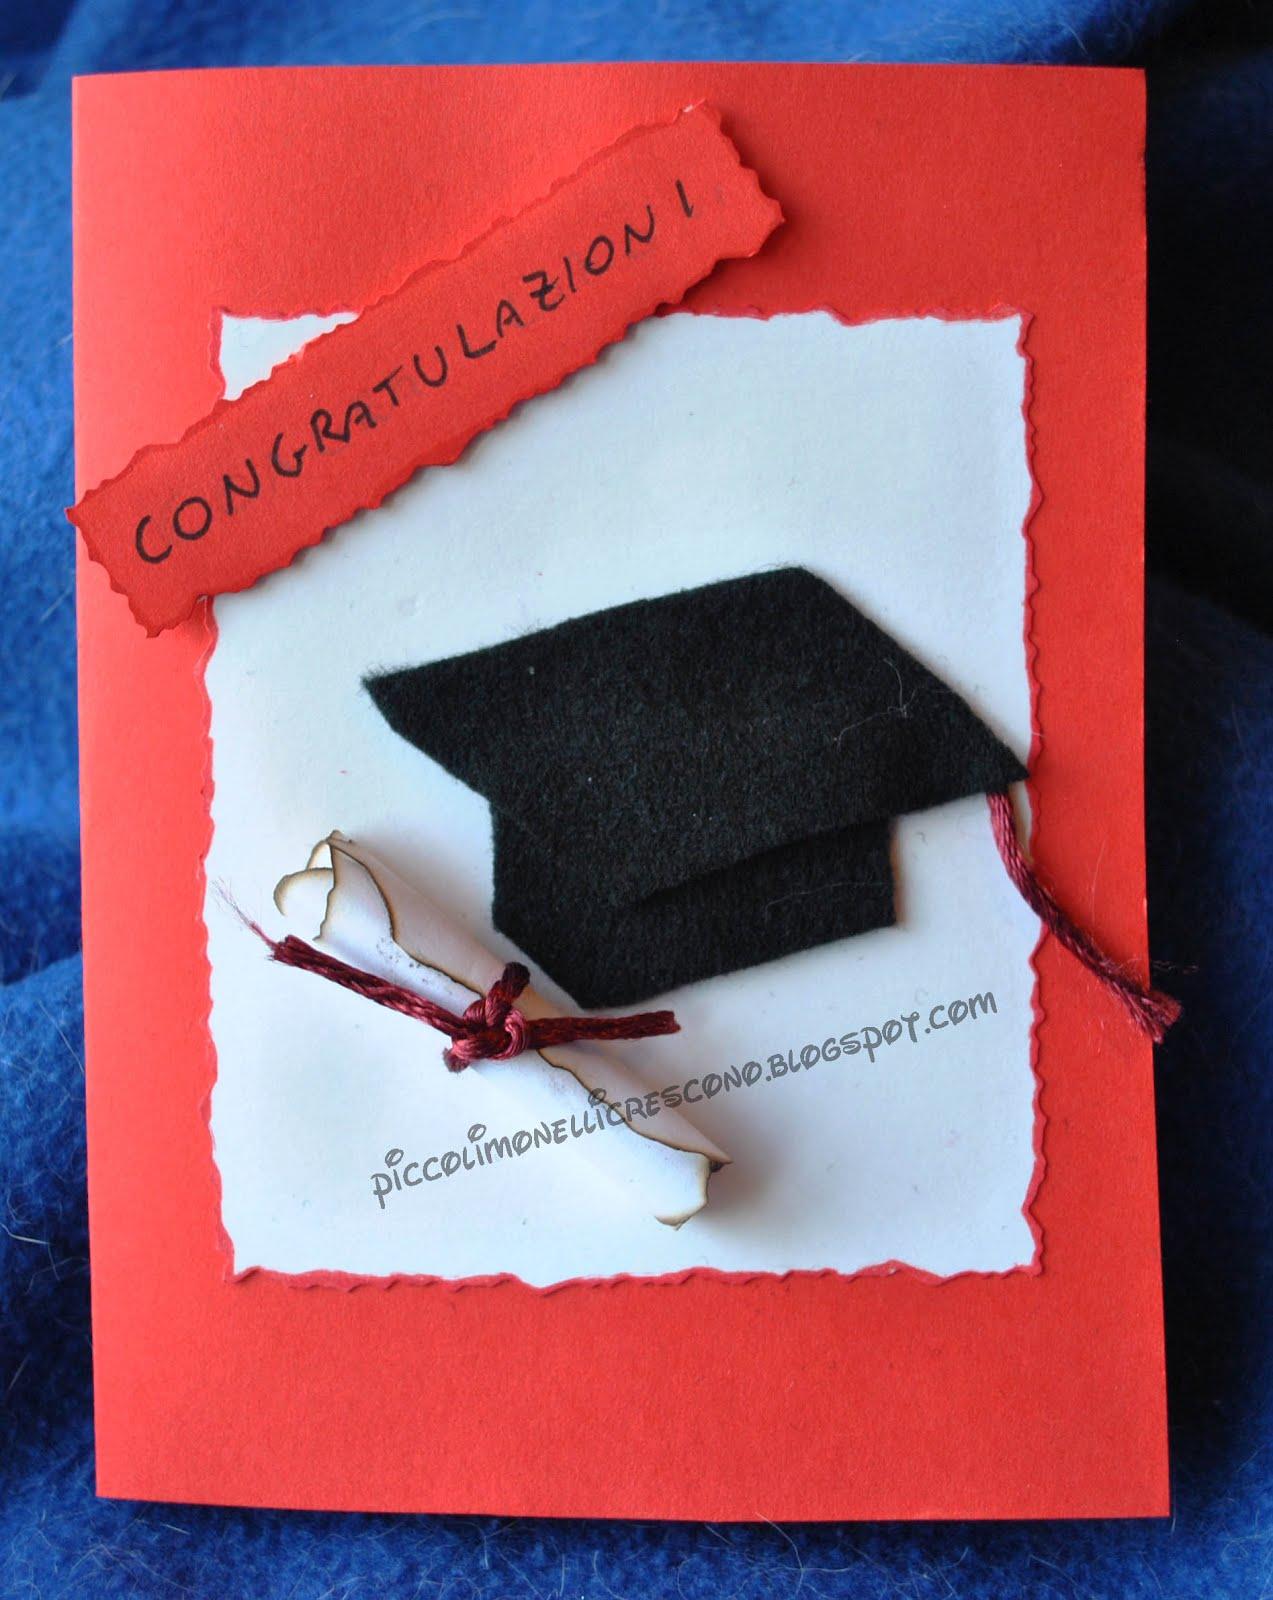 Exceptionnel PiccoliMonelliCrescono: Un biglietto per una laurea IS43